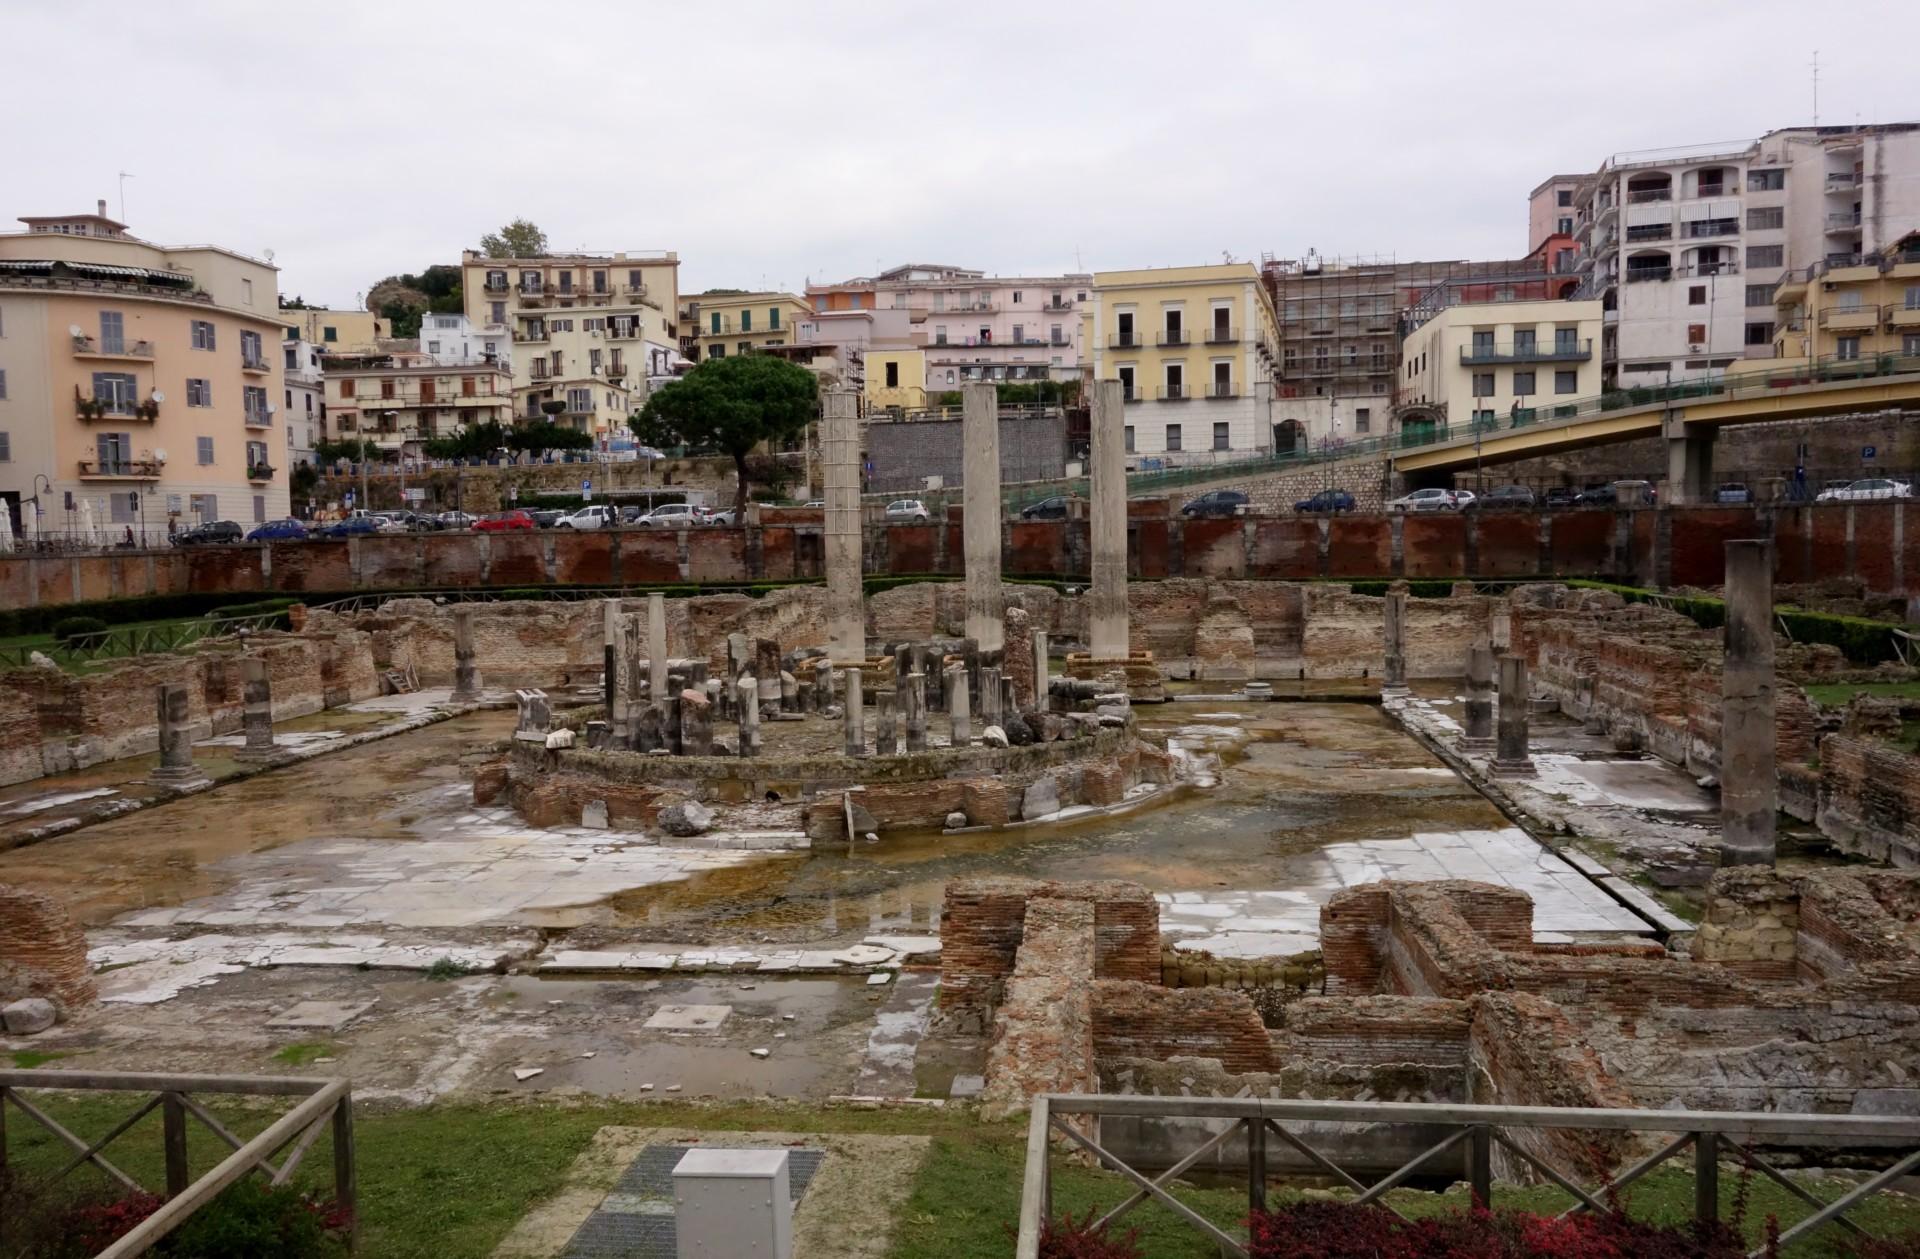 Zentral gelegen in Pozzuoli das alte Macellum der Römer - ein Markt mit dem Tempel im Zentrum. Man nennt ihn den Tempel des Serapis, die Zuordnung ist nicht gesichert.